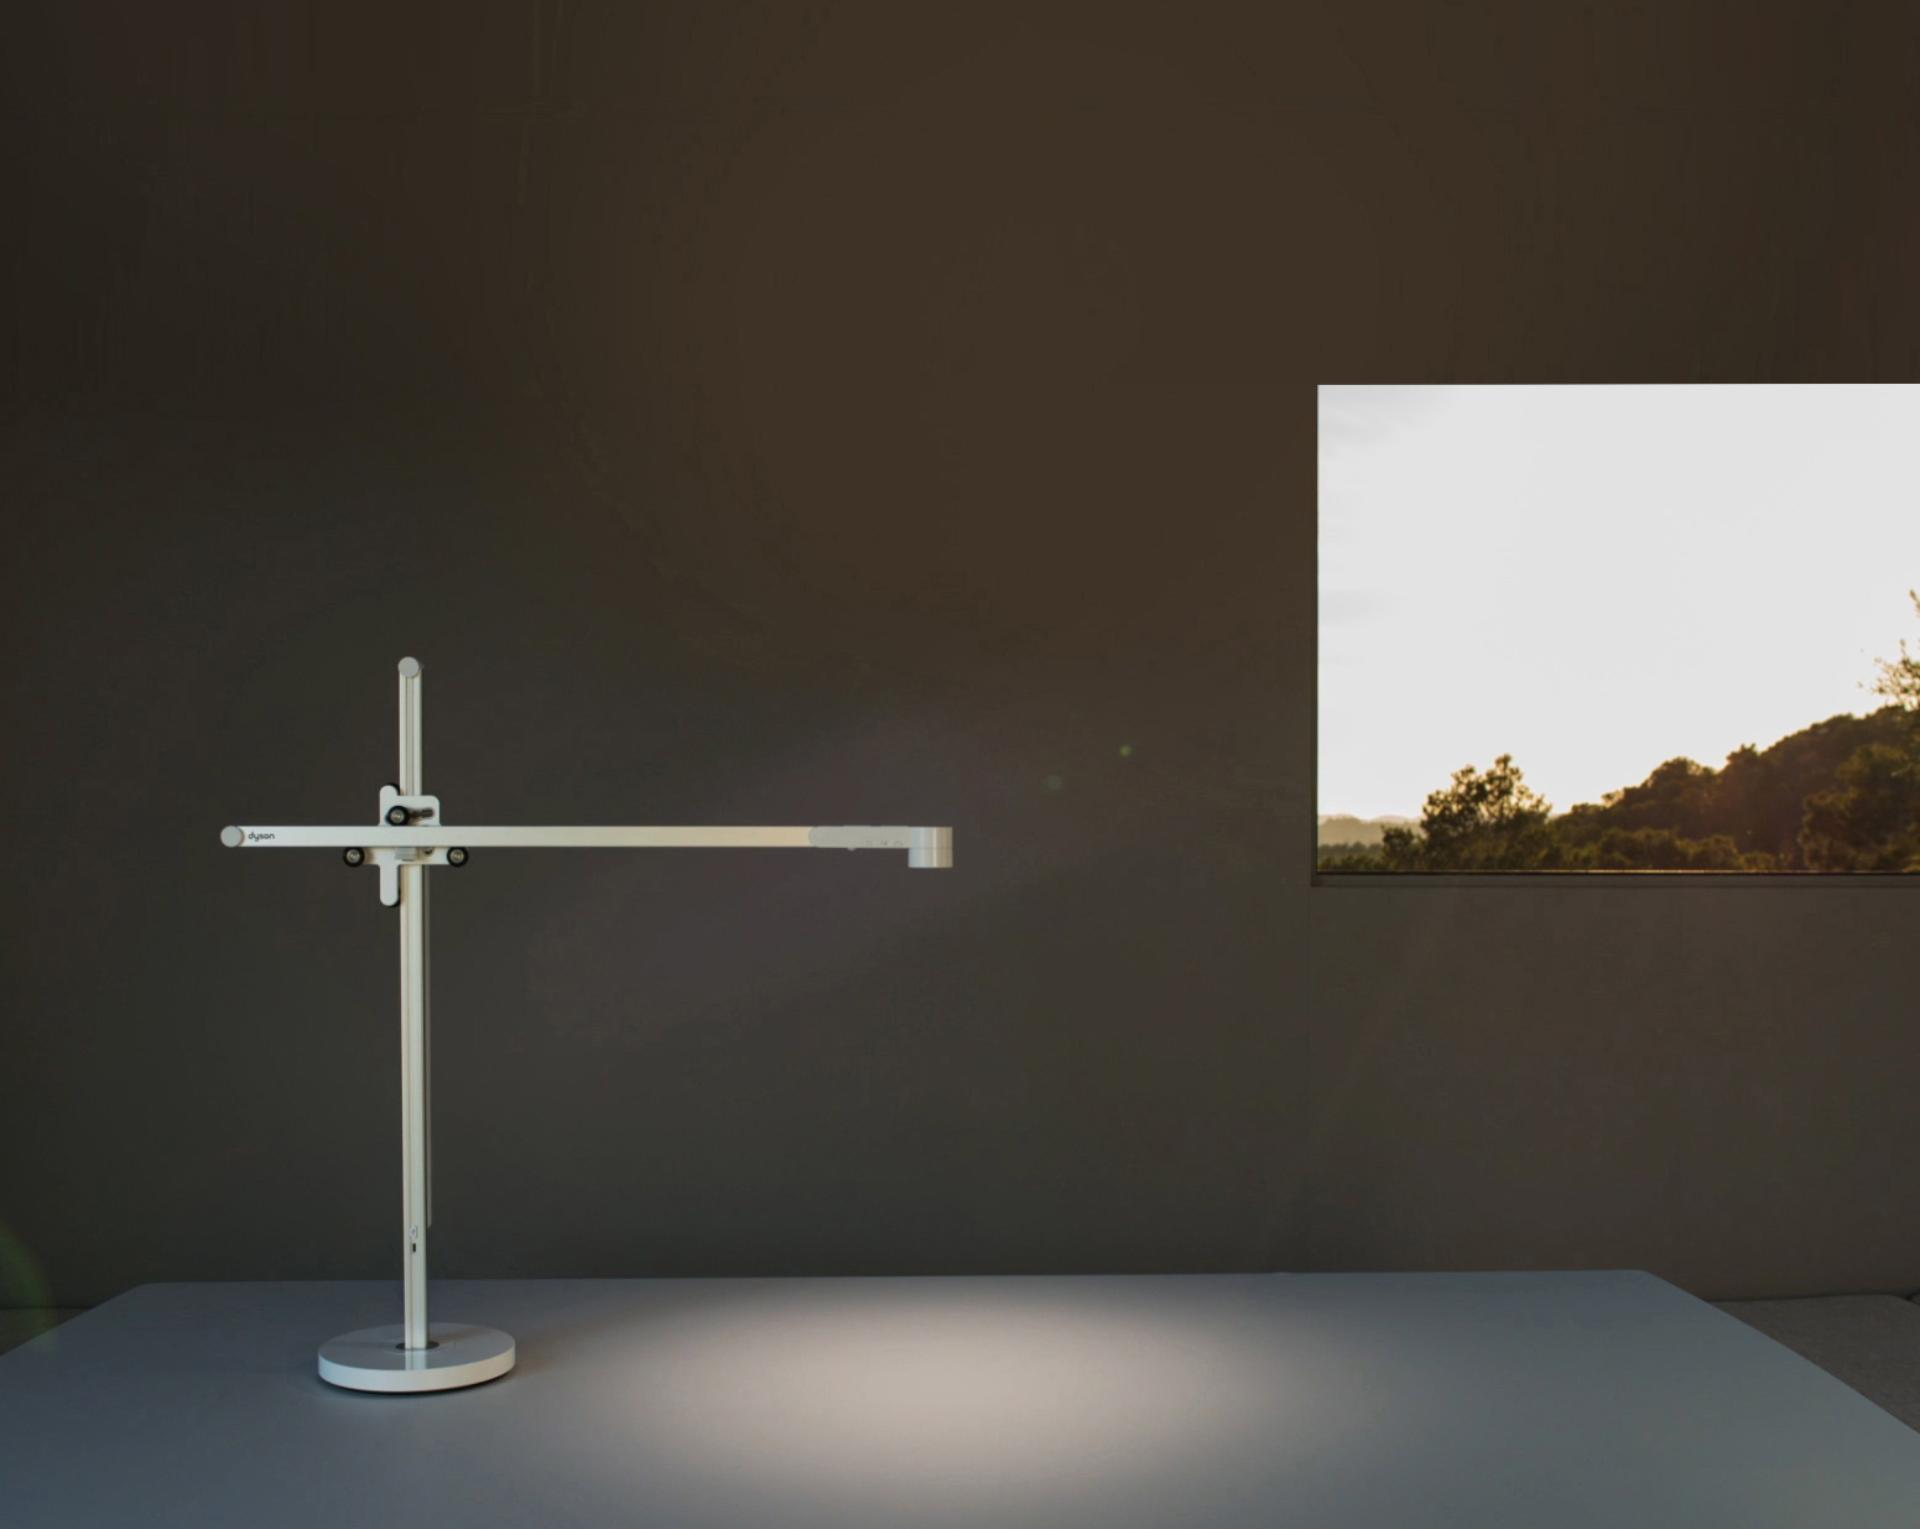 La lámpara de trabajo Dyson Lightcycle se ajusta con la luz solar afuera de una ventana